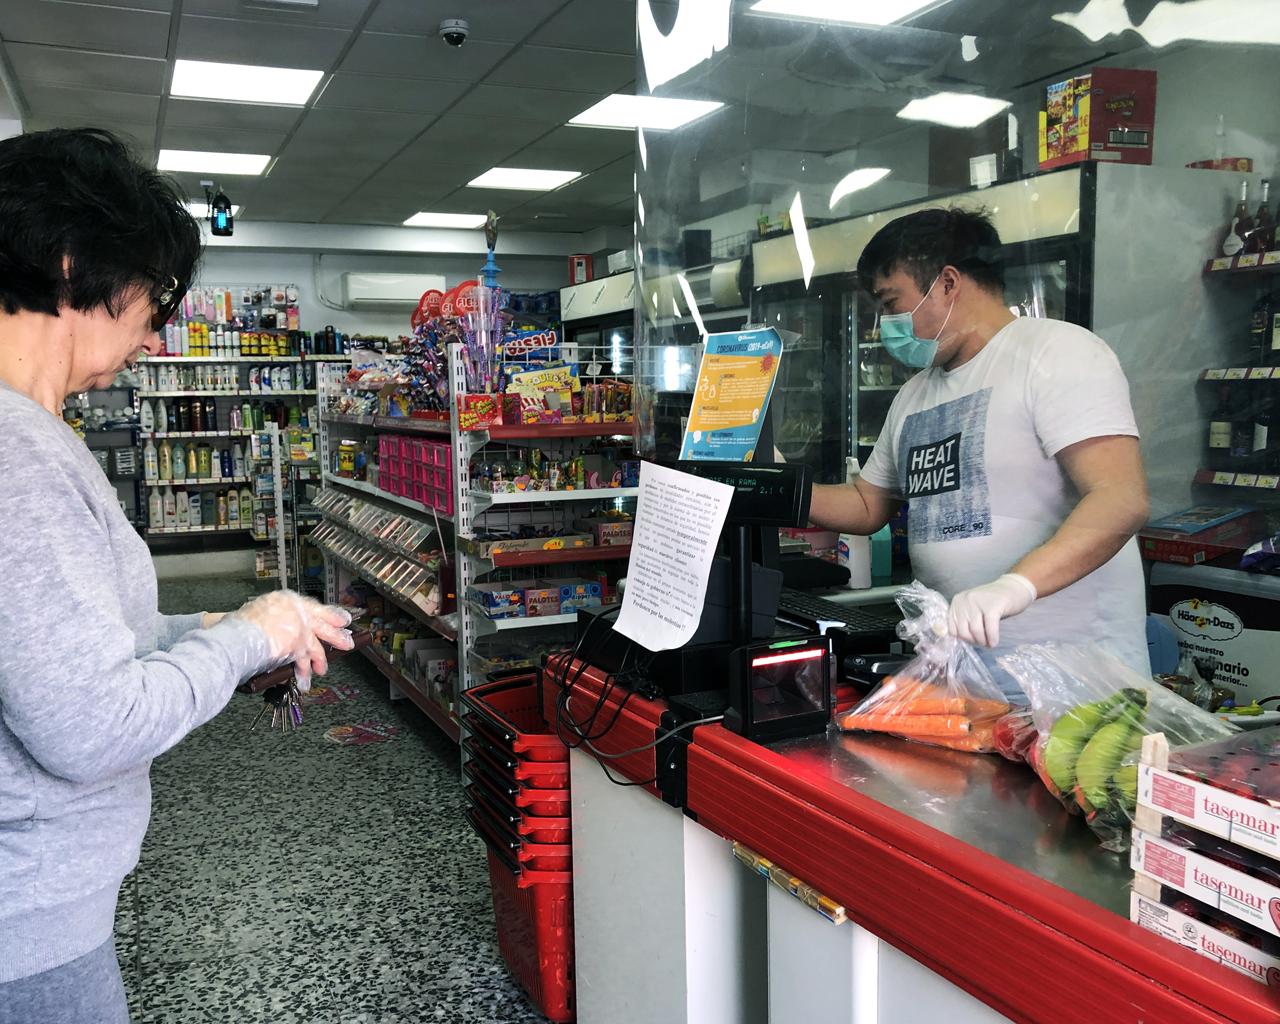 Un comerciante chino atiende a un cliente tras una mampara de plástico. Madrid. 14/03/2020.